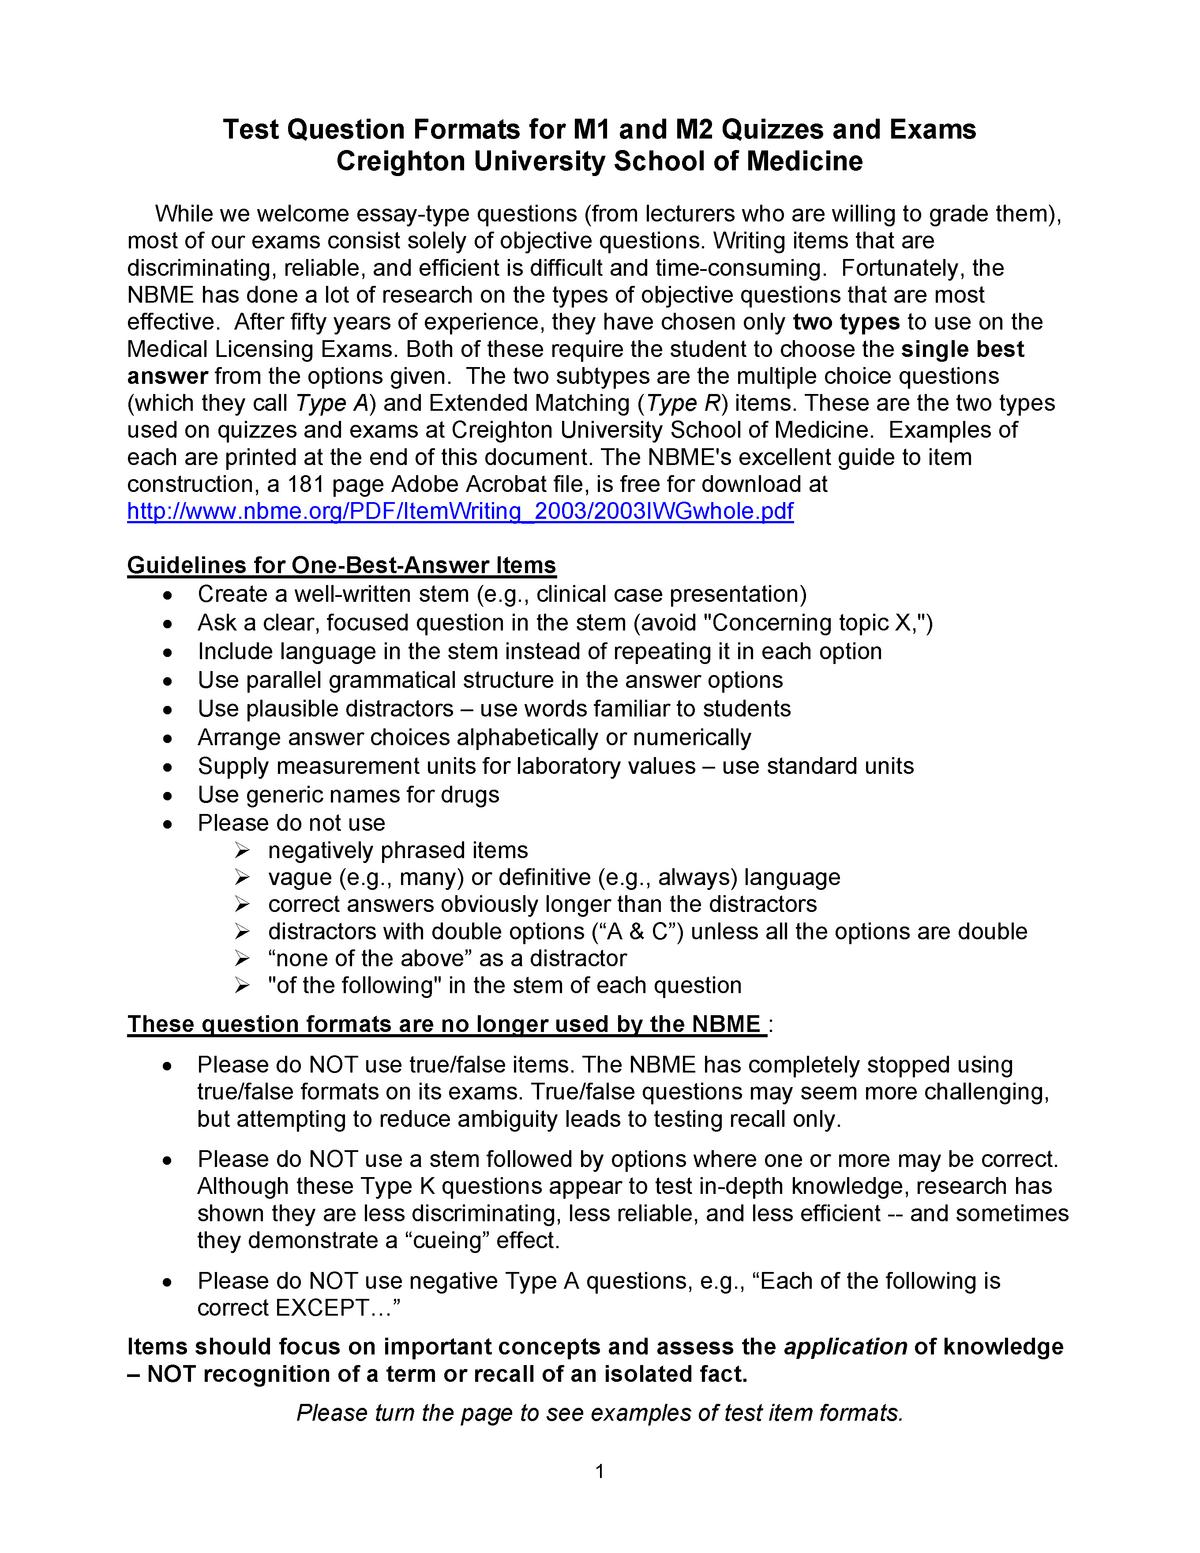 Test Question Formats M 1M2 - MED 471: Emergency Medicine - StuDocu